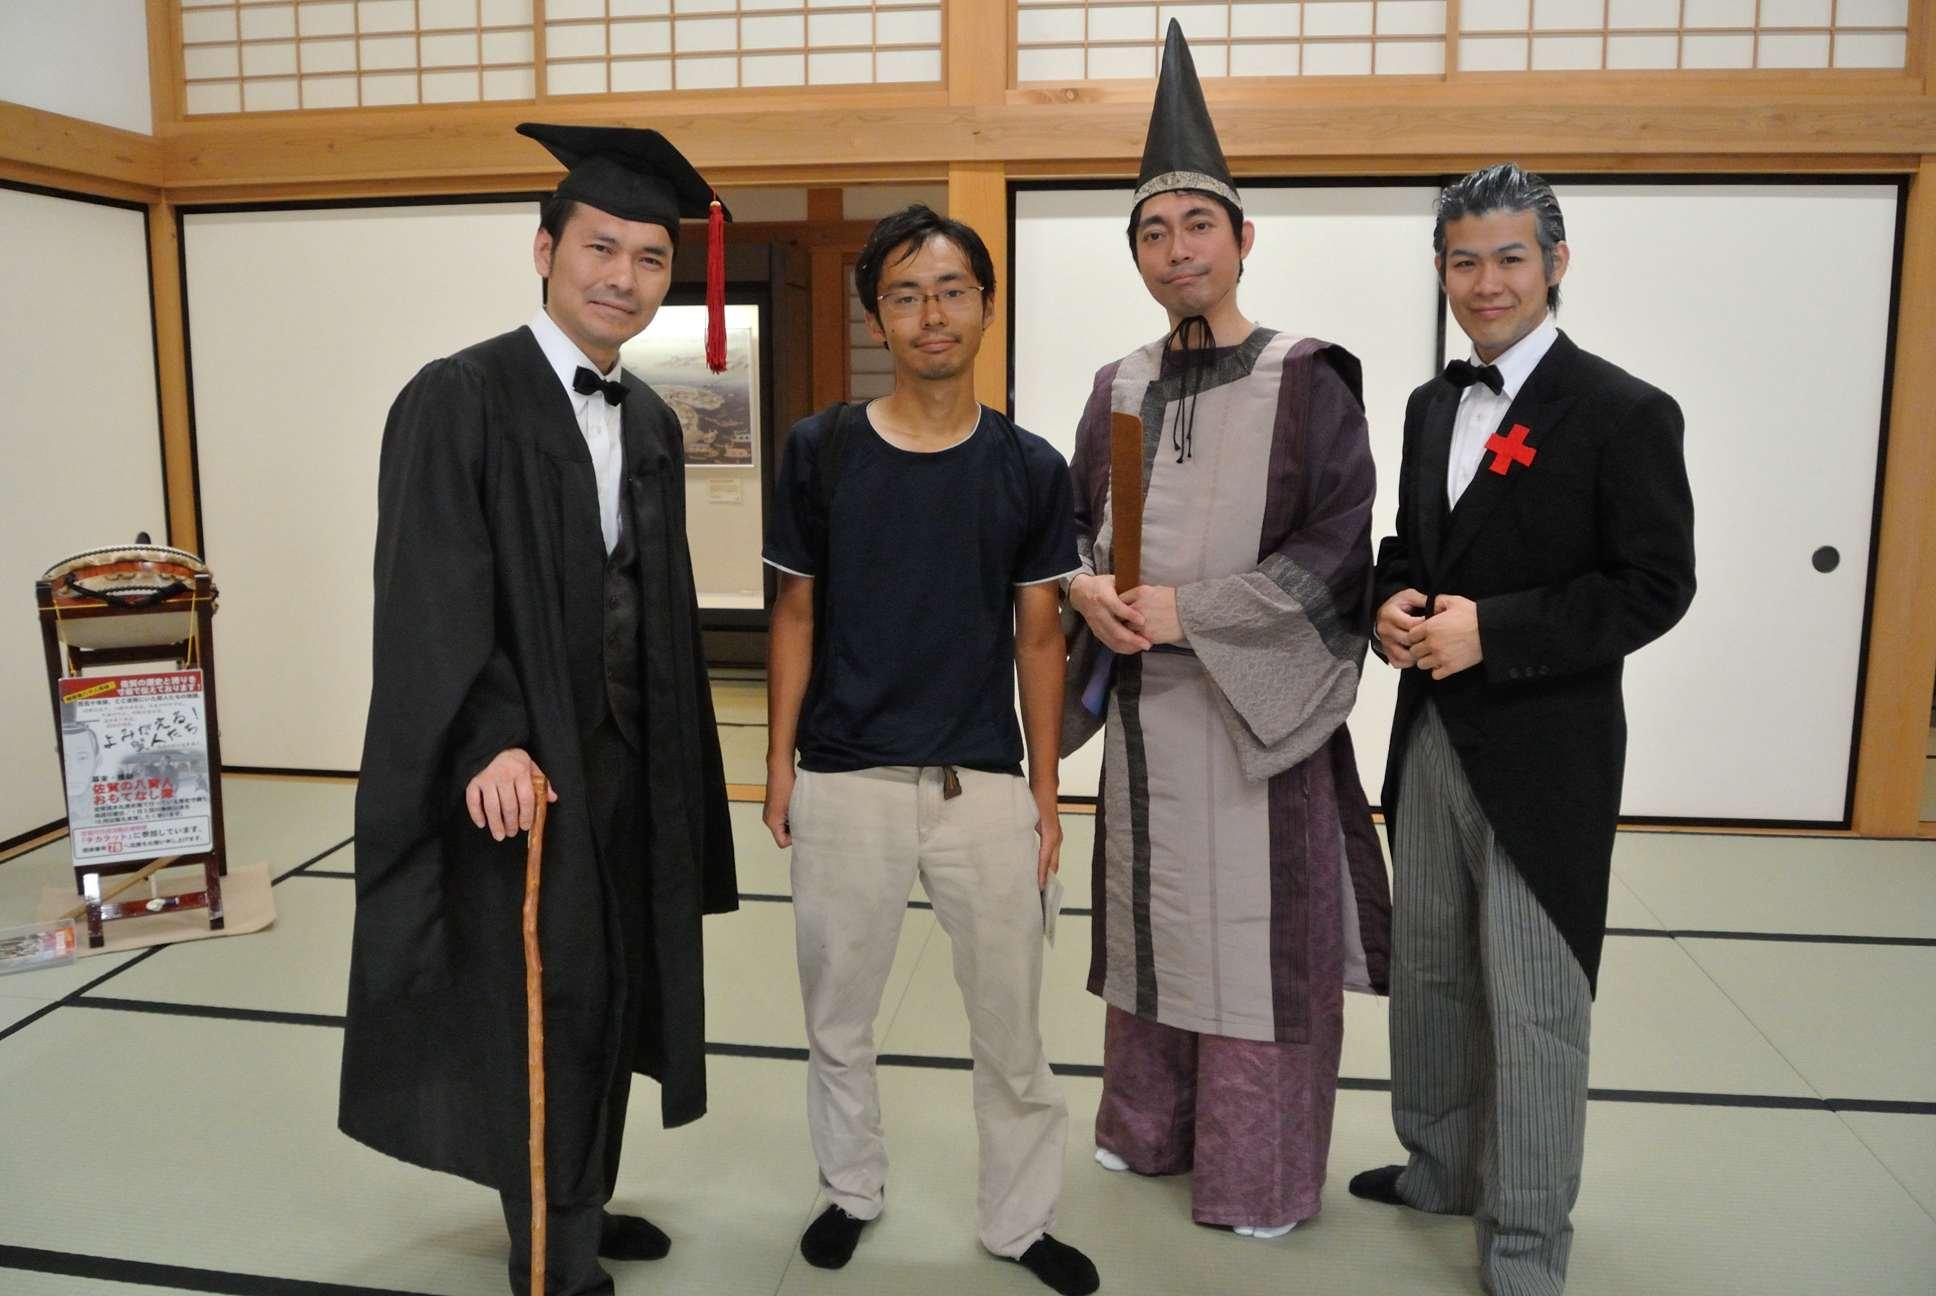 左から大隈重信、私、鍋島直正、佐野常民